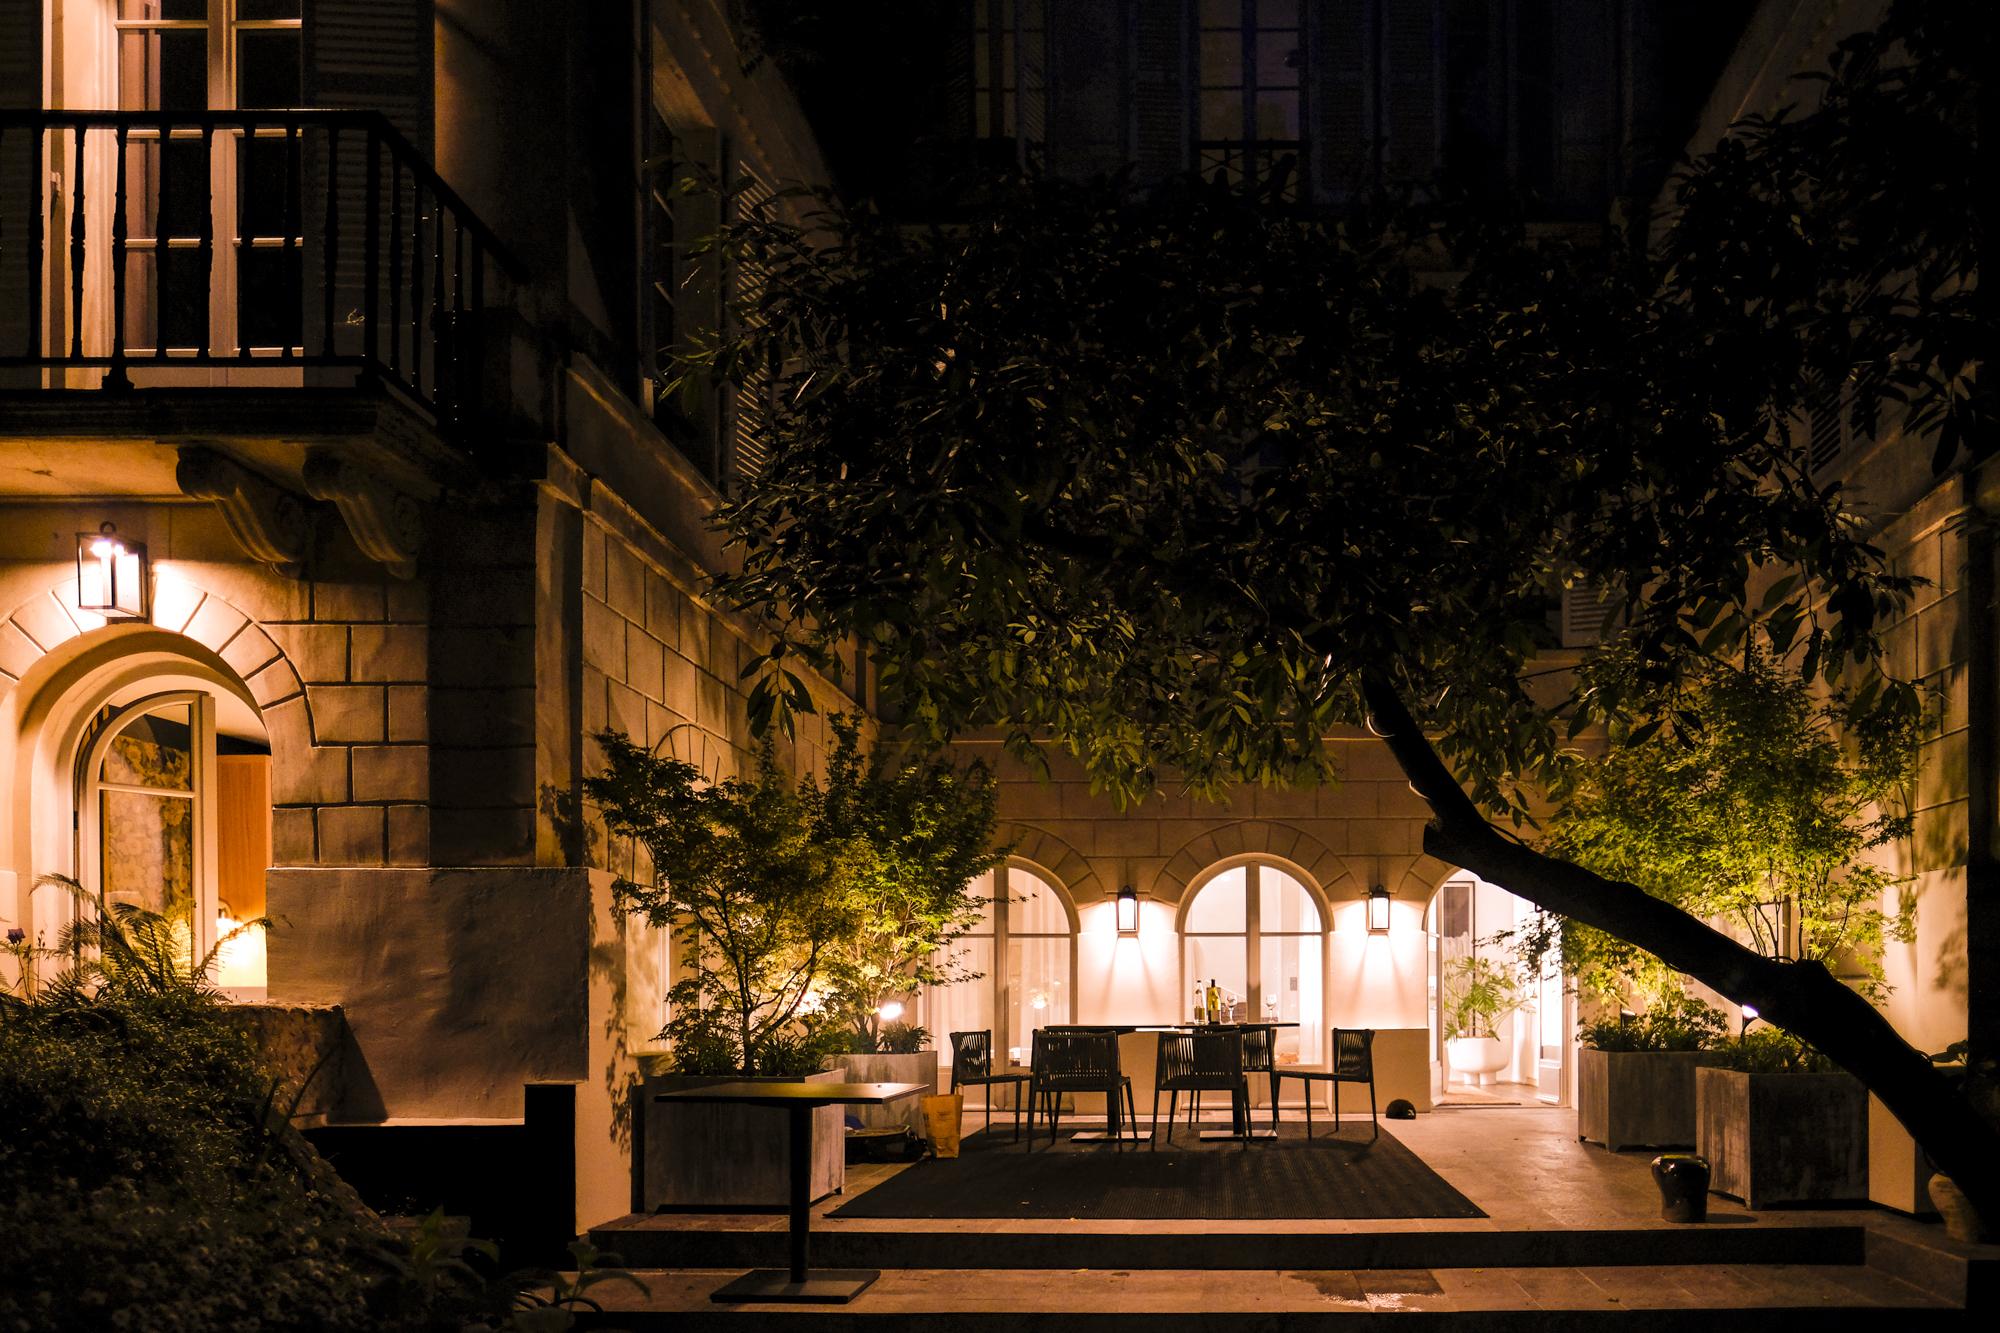 Patio de nuit Hôtel particulier Atelier Gabriel